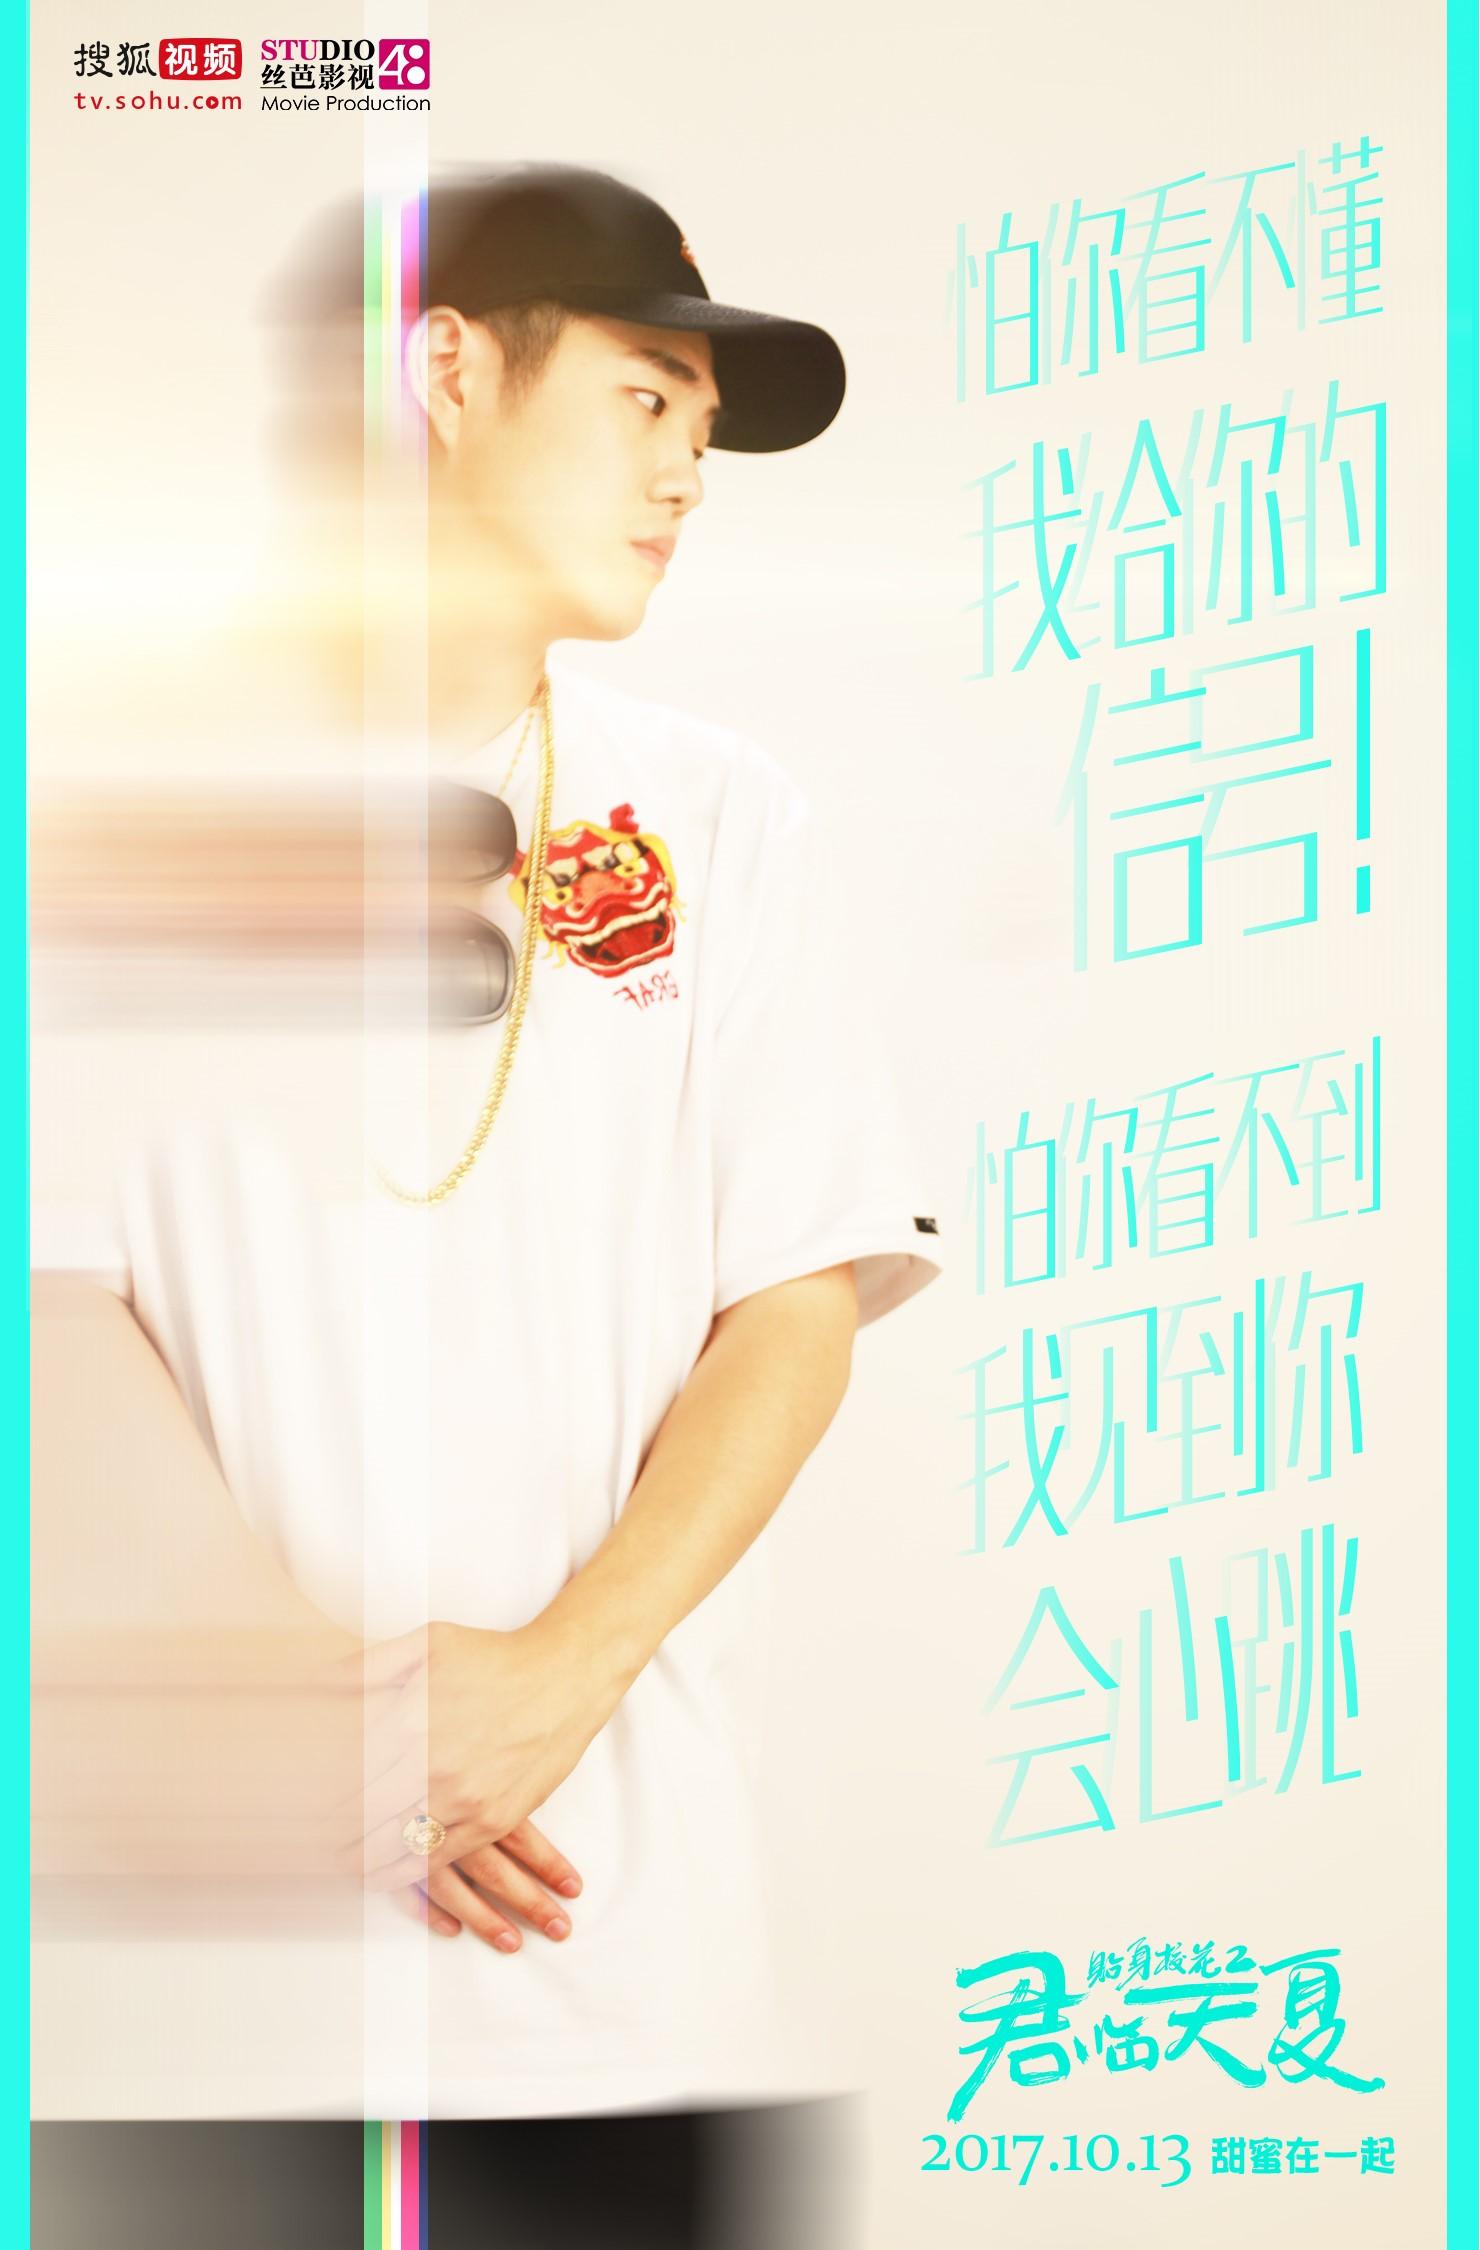 SNH48张语格携手嘻哈少年辉子别样开唱 引领甜美嘻哈风